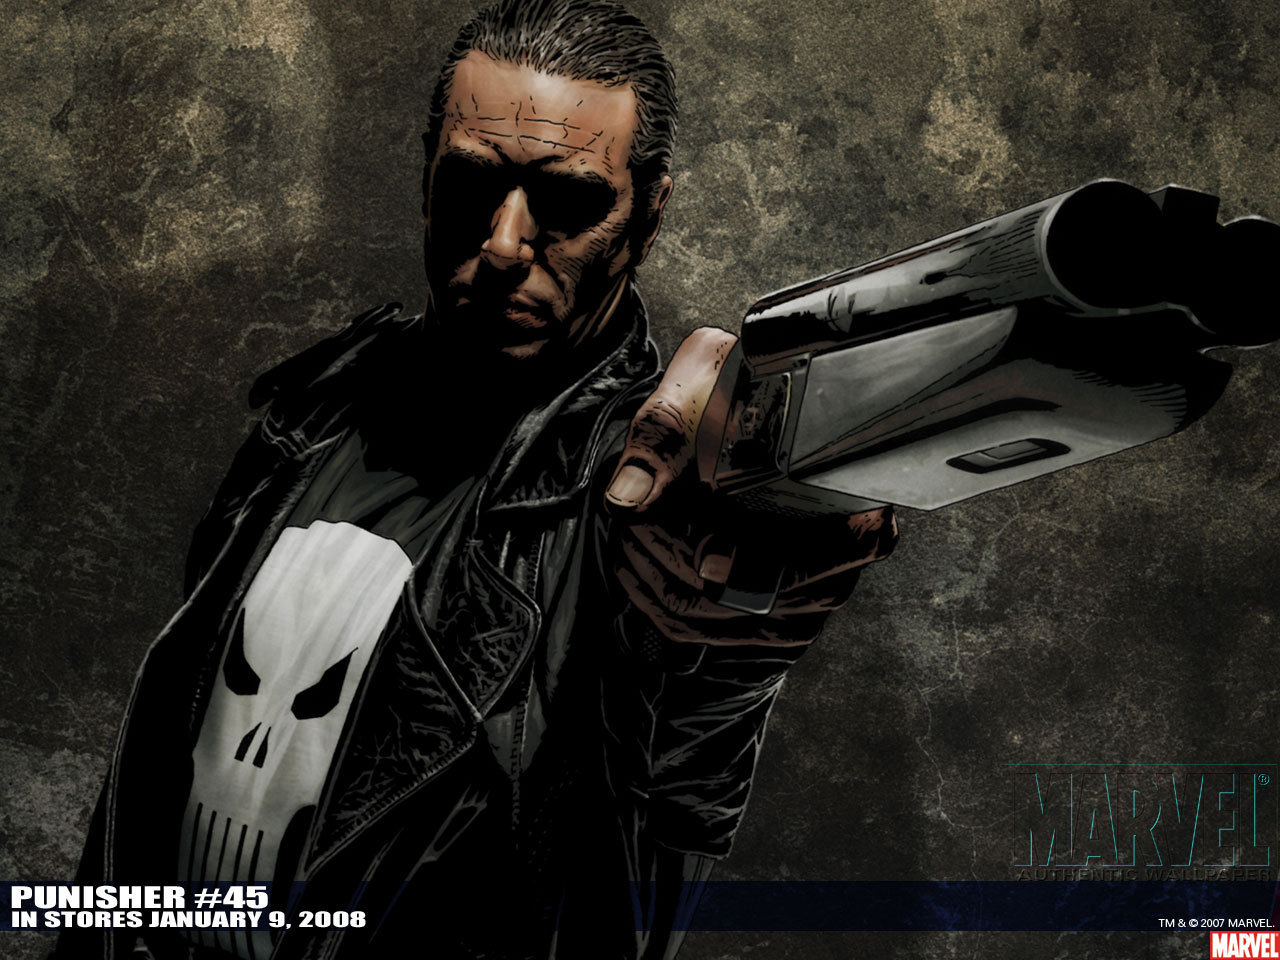 Frank CastleThe Punisher images Punisher HD wallpaper 1280x960